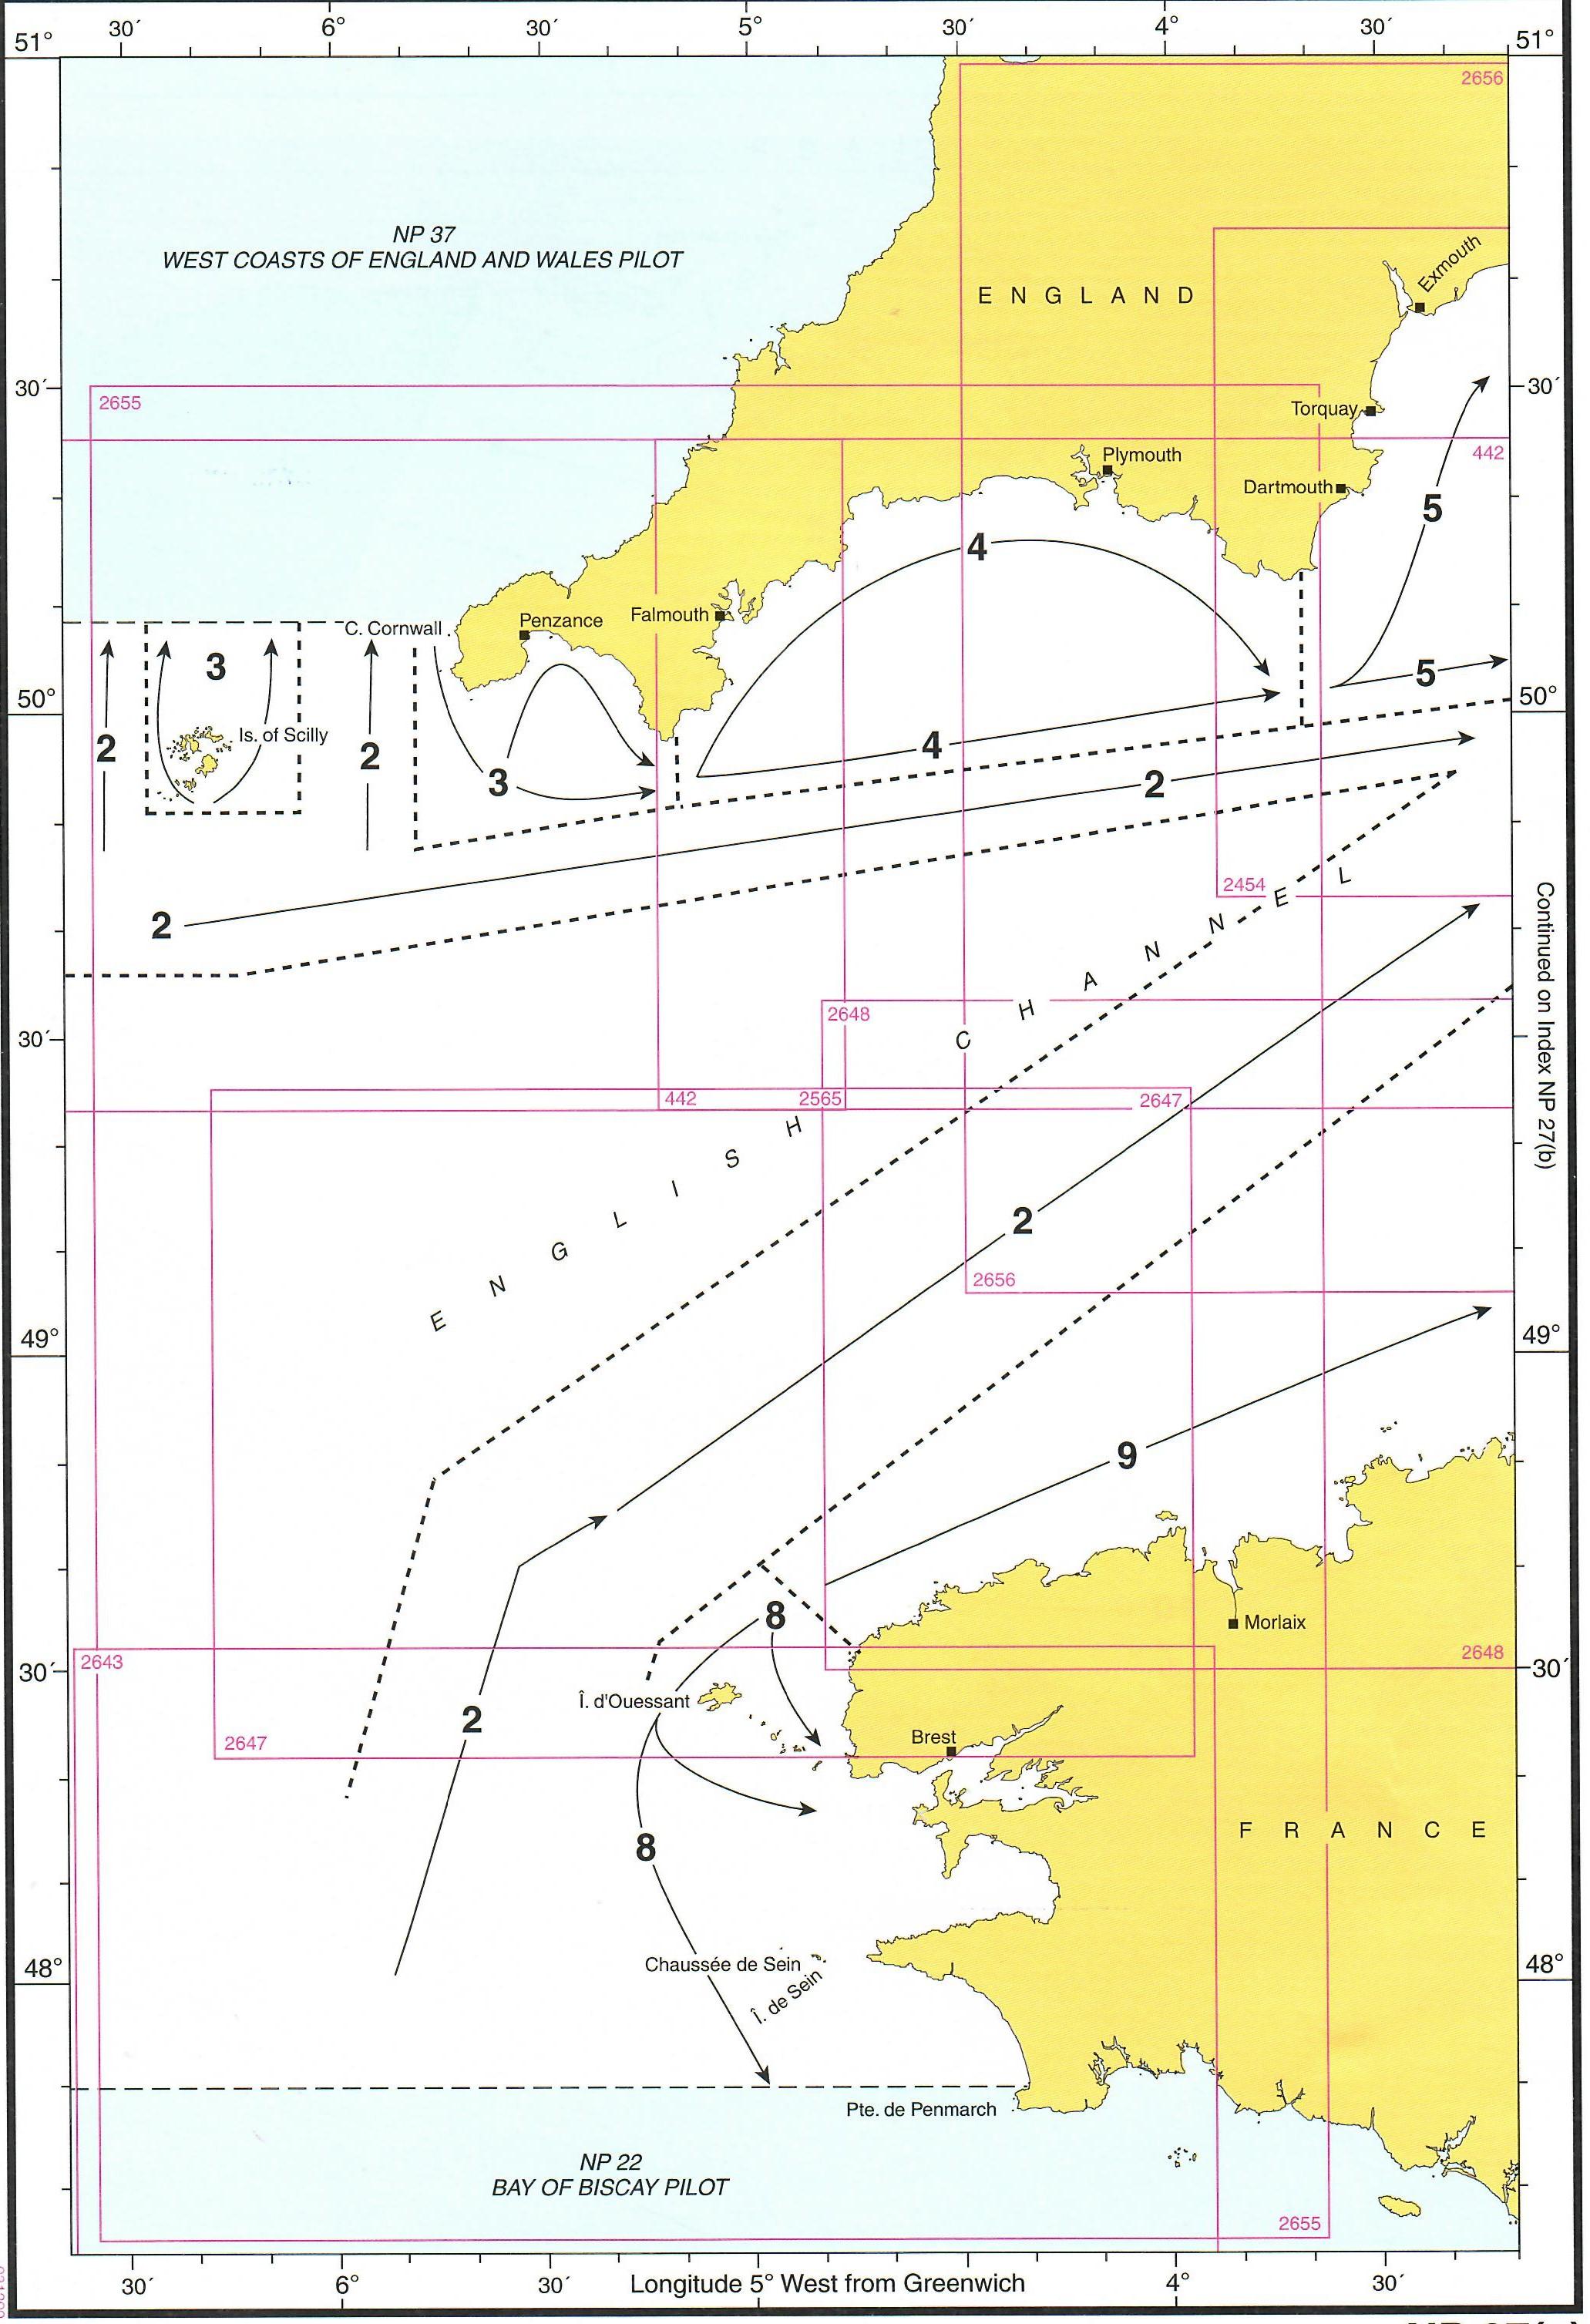 Abdeckung der NP27 westlicher Teil Englischer Kanal